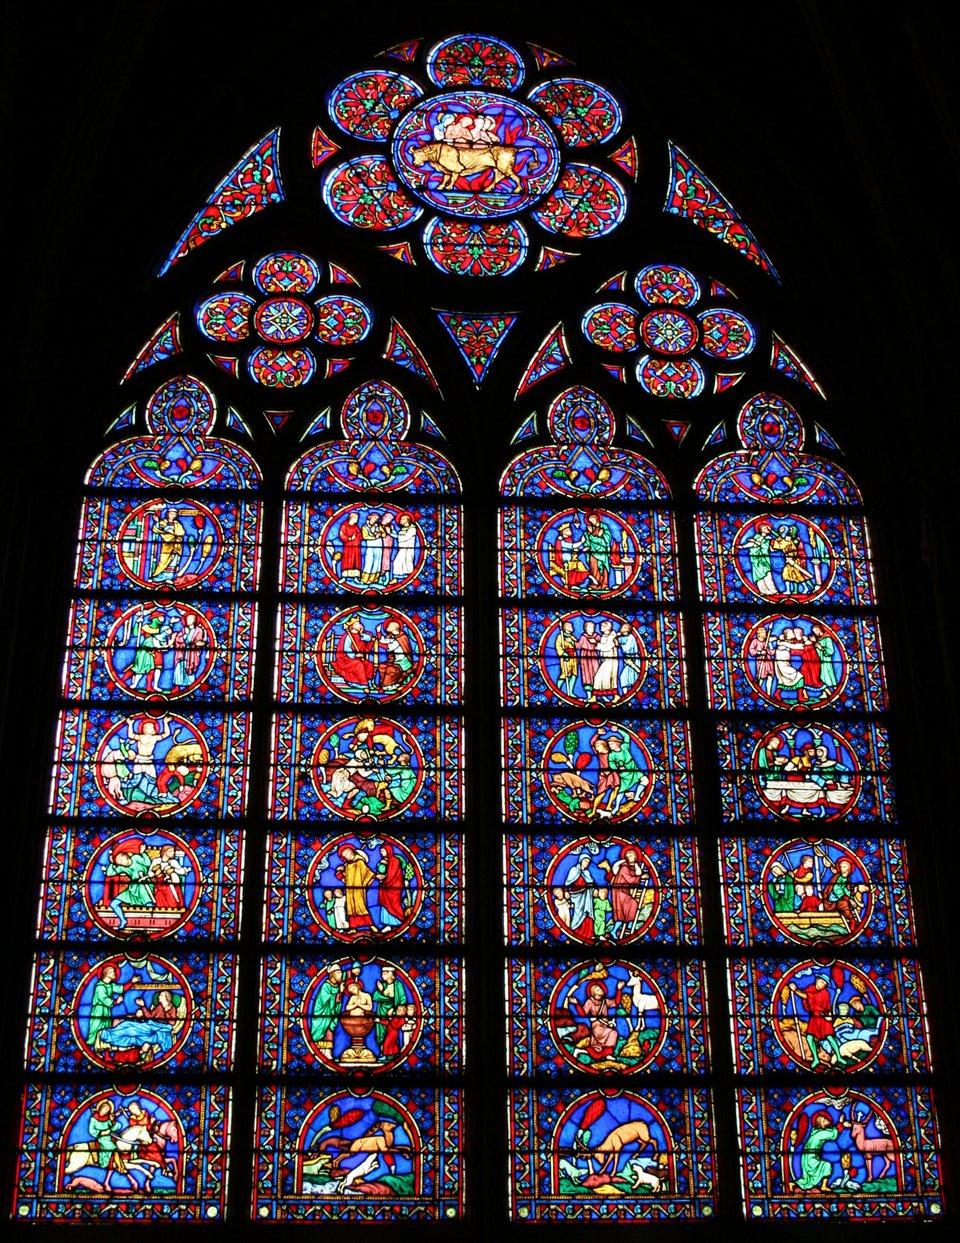 Okno iwitraż wkatedrze Notre-Dame wParyżu Okno iwitraż wkatedrze Notre-Dame wParyżu Źródło: WeEnterWinter, Wikimedia Commons, licencja: CC BY-SA 3.0.